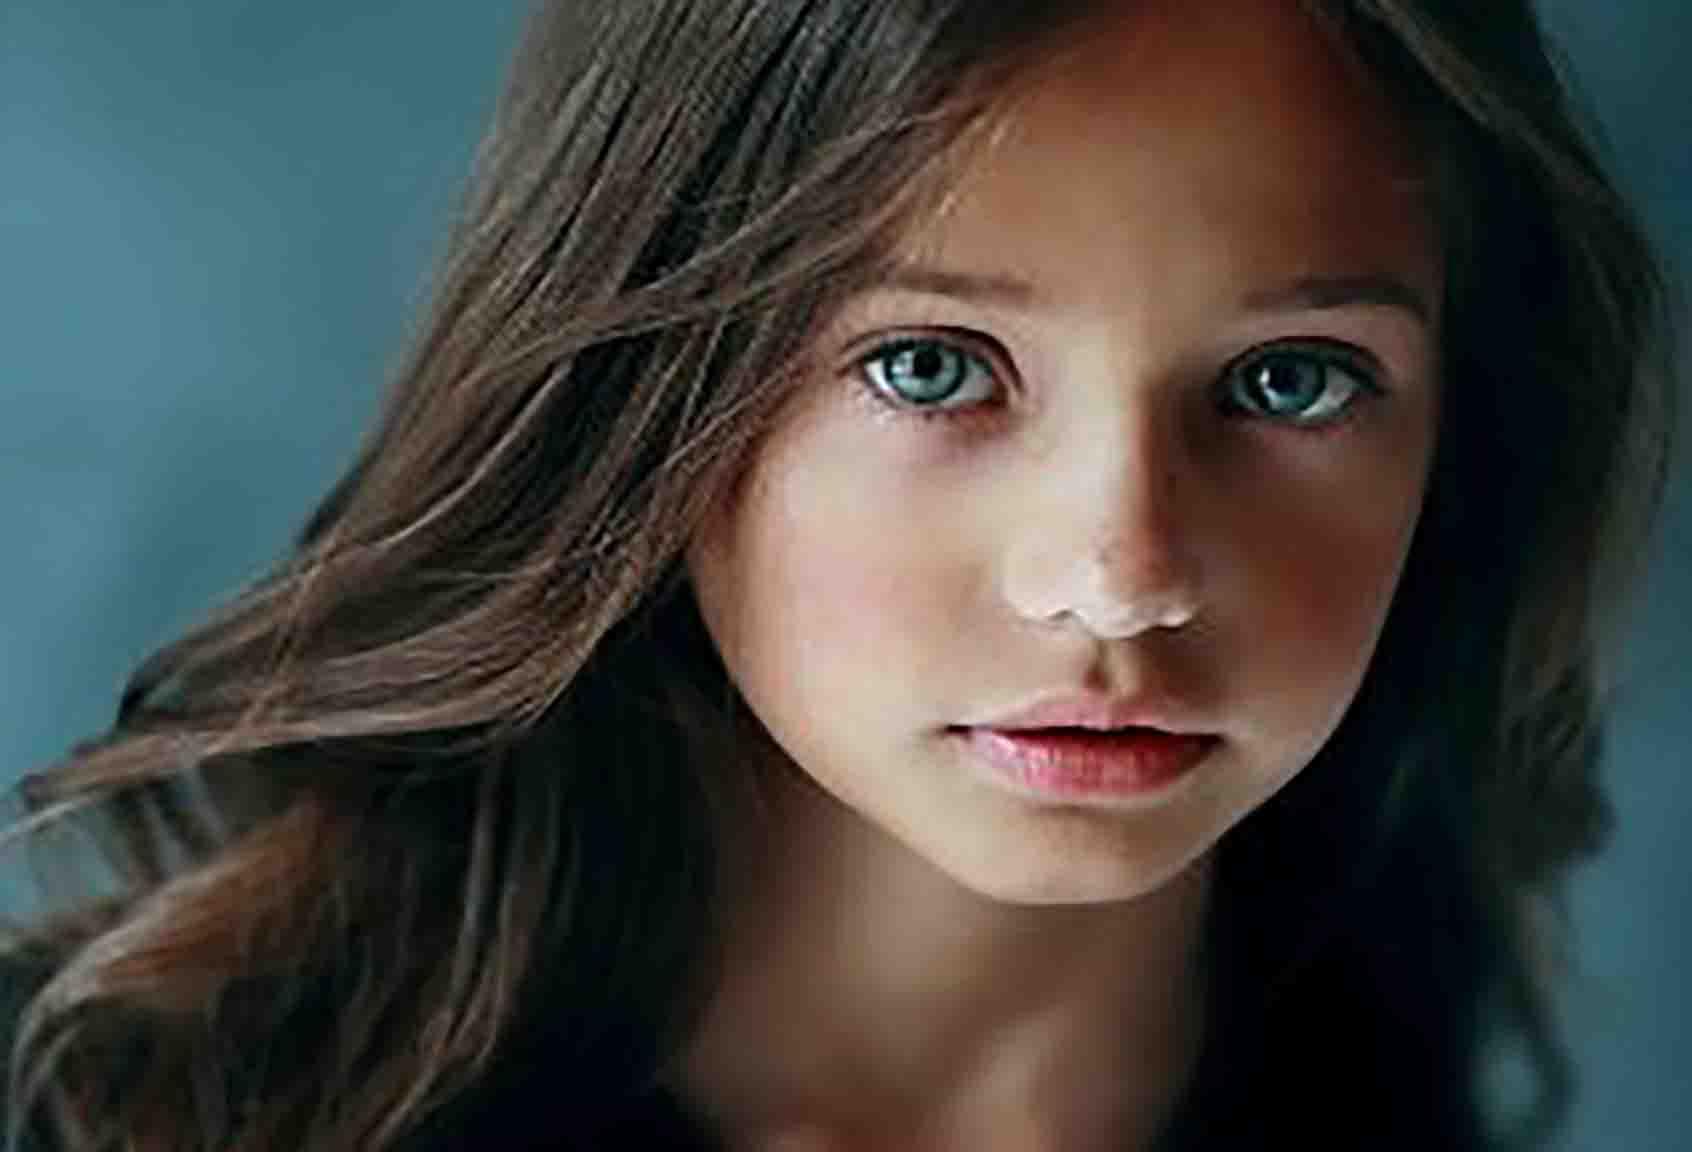 Статья. Ольга Никишова. «Как сделать фотографию цепляющей, выразительной, притягивающей взгляды» post thumbnail